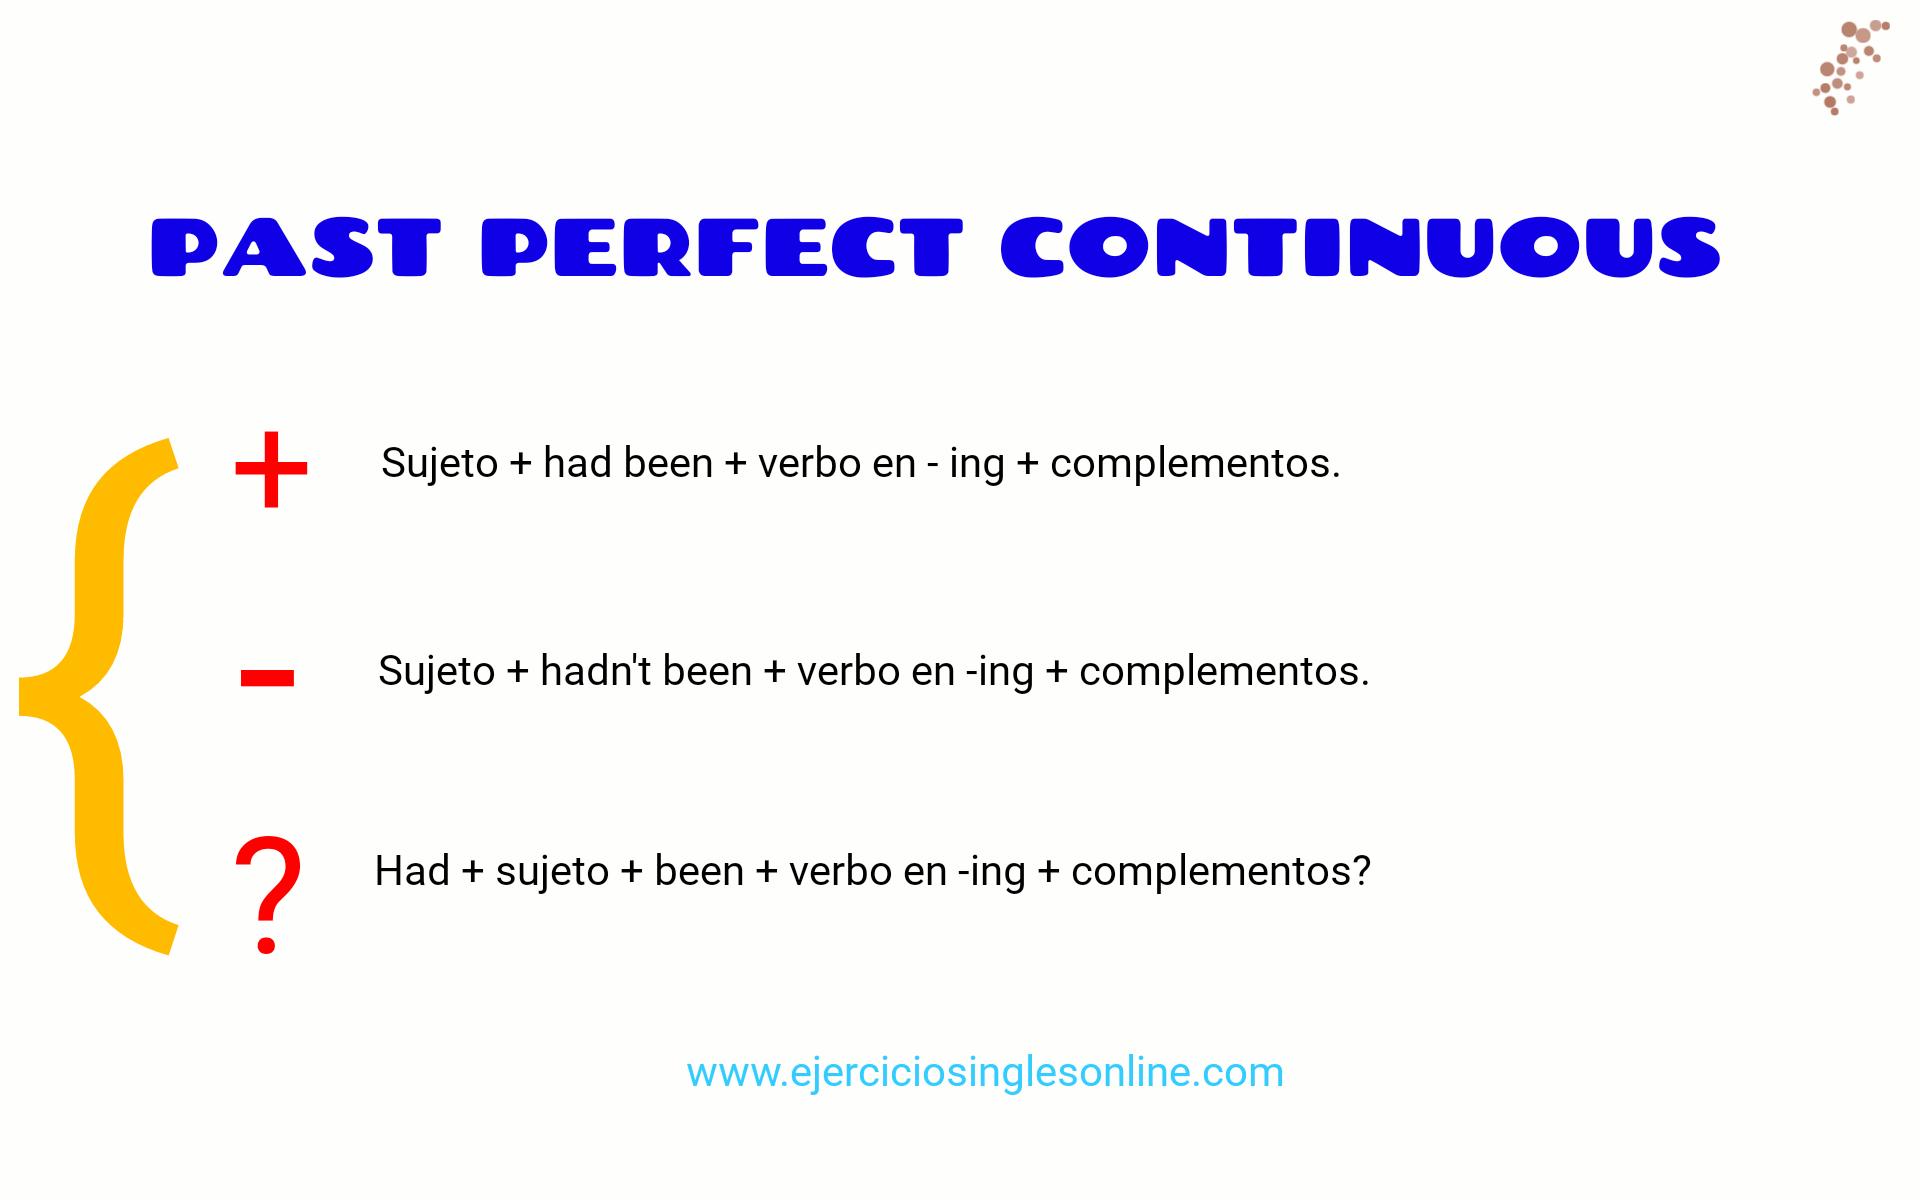 Ejercicio 4 - Pasado perfecto continuo